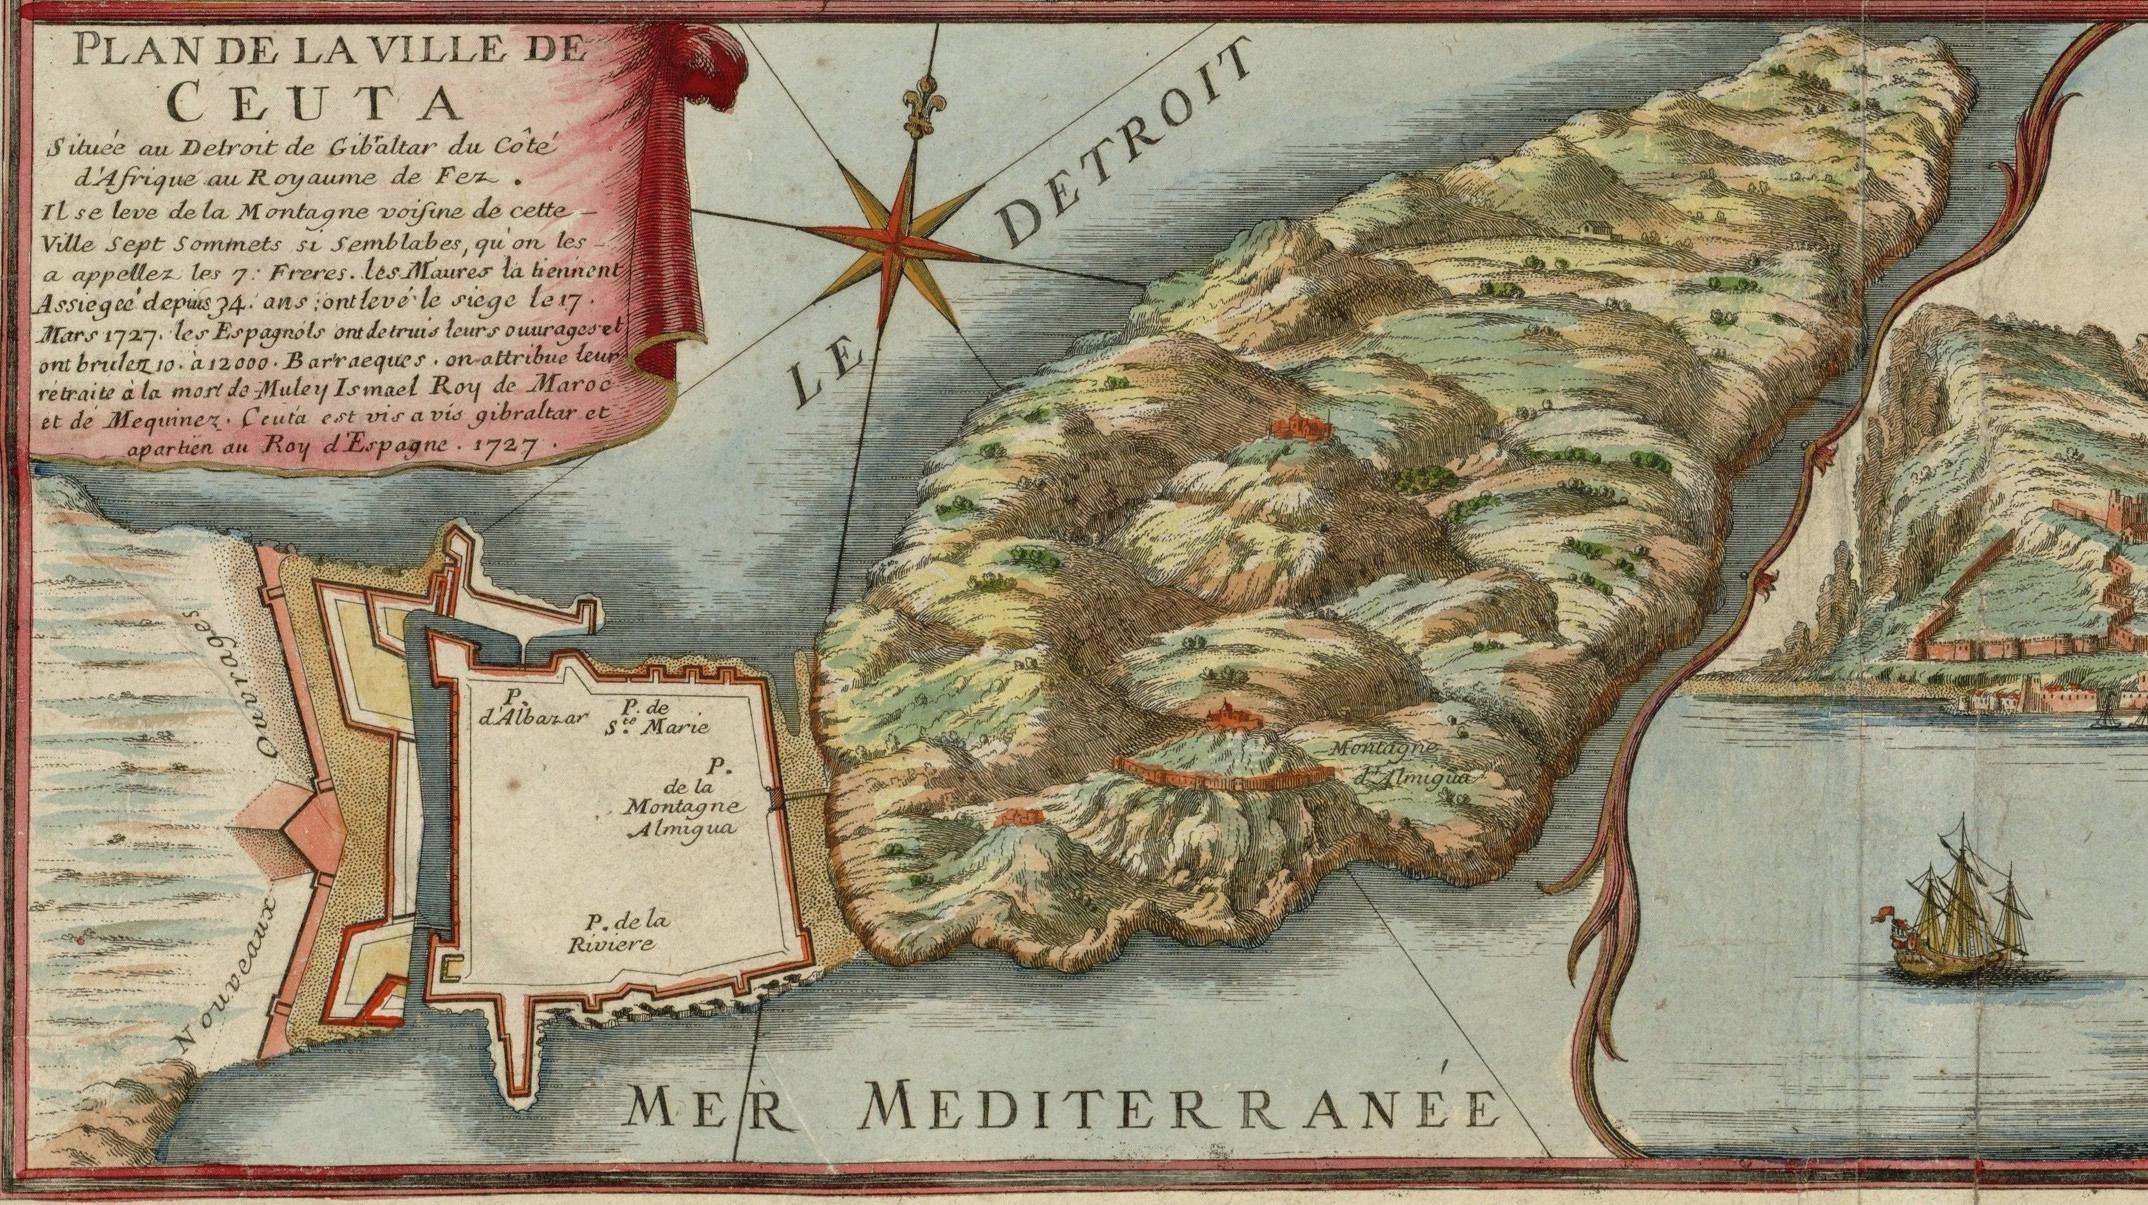 Plano de la ciudad de Ceuta 1727